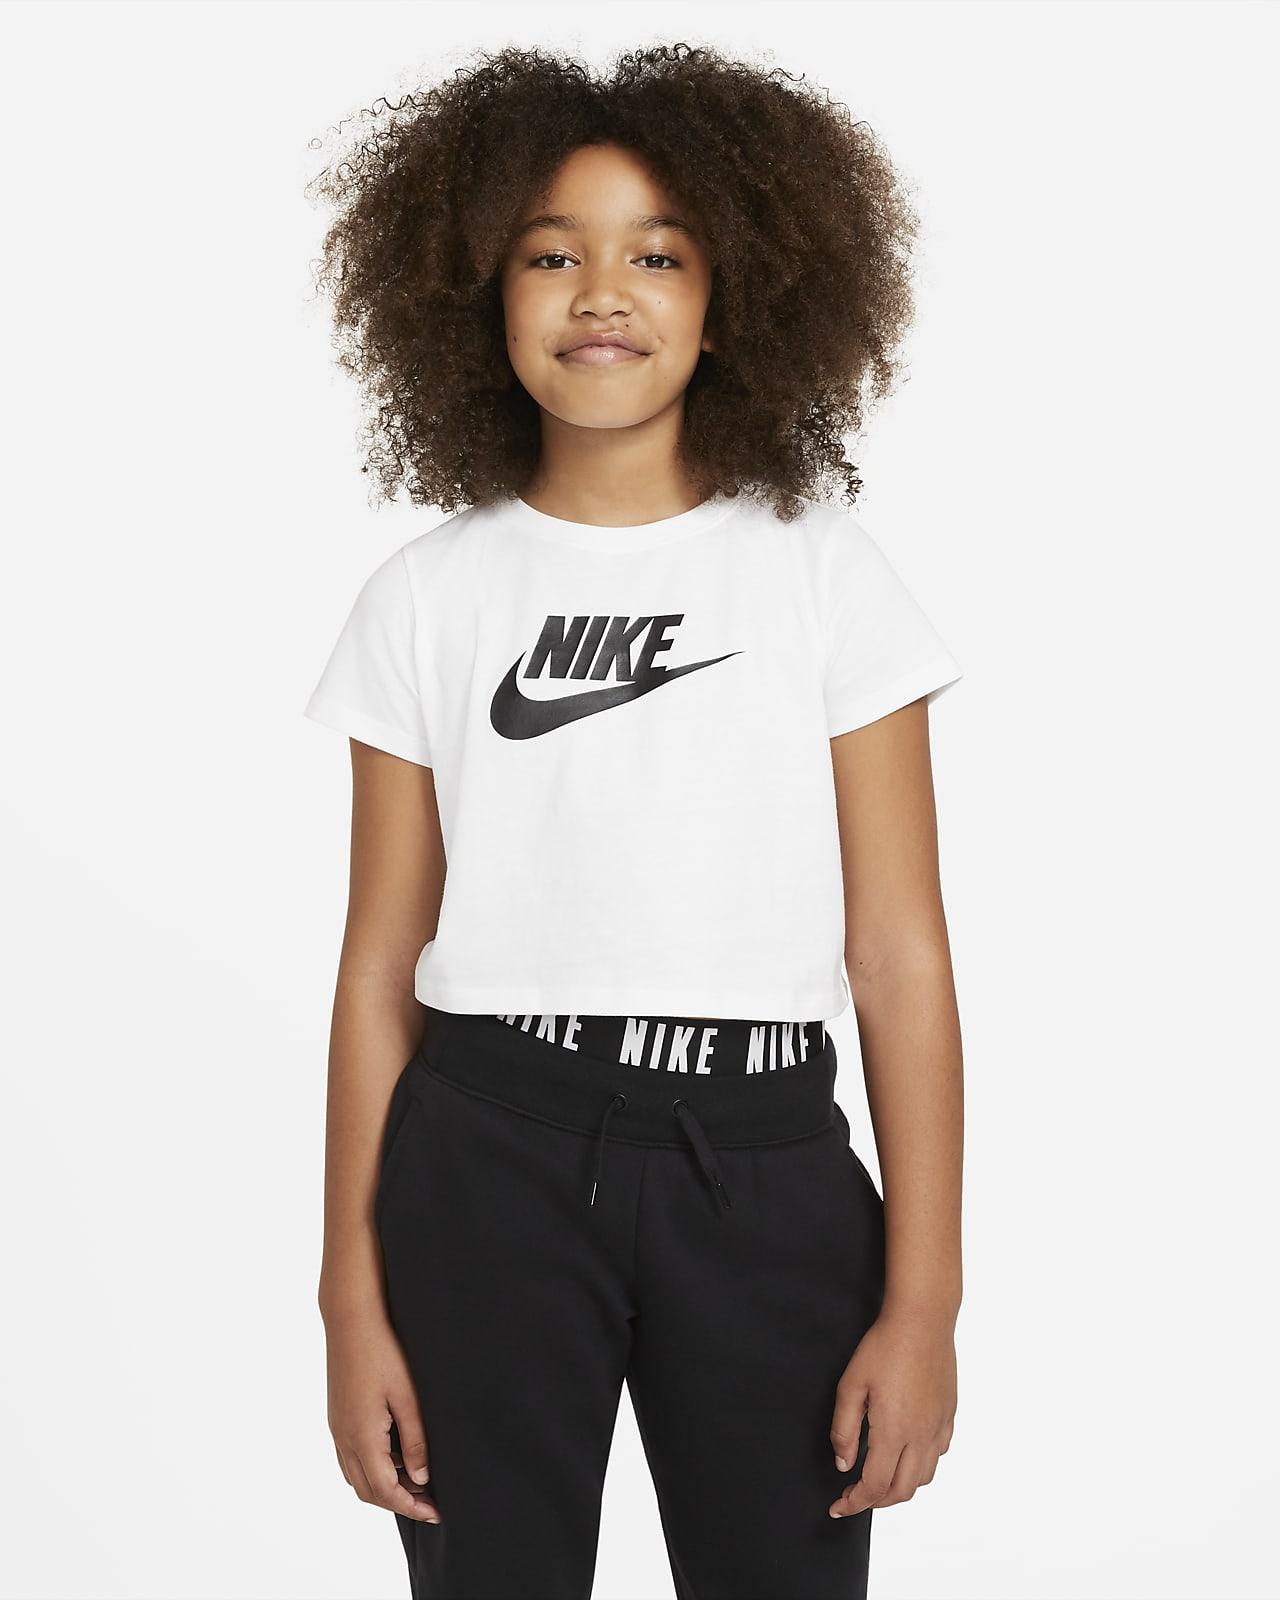 Nike Sportswear Kısaltılmış Genç Çocuk (Kız) Tişörtü